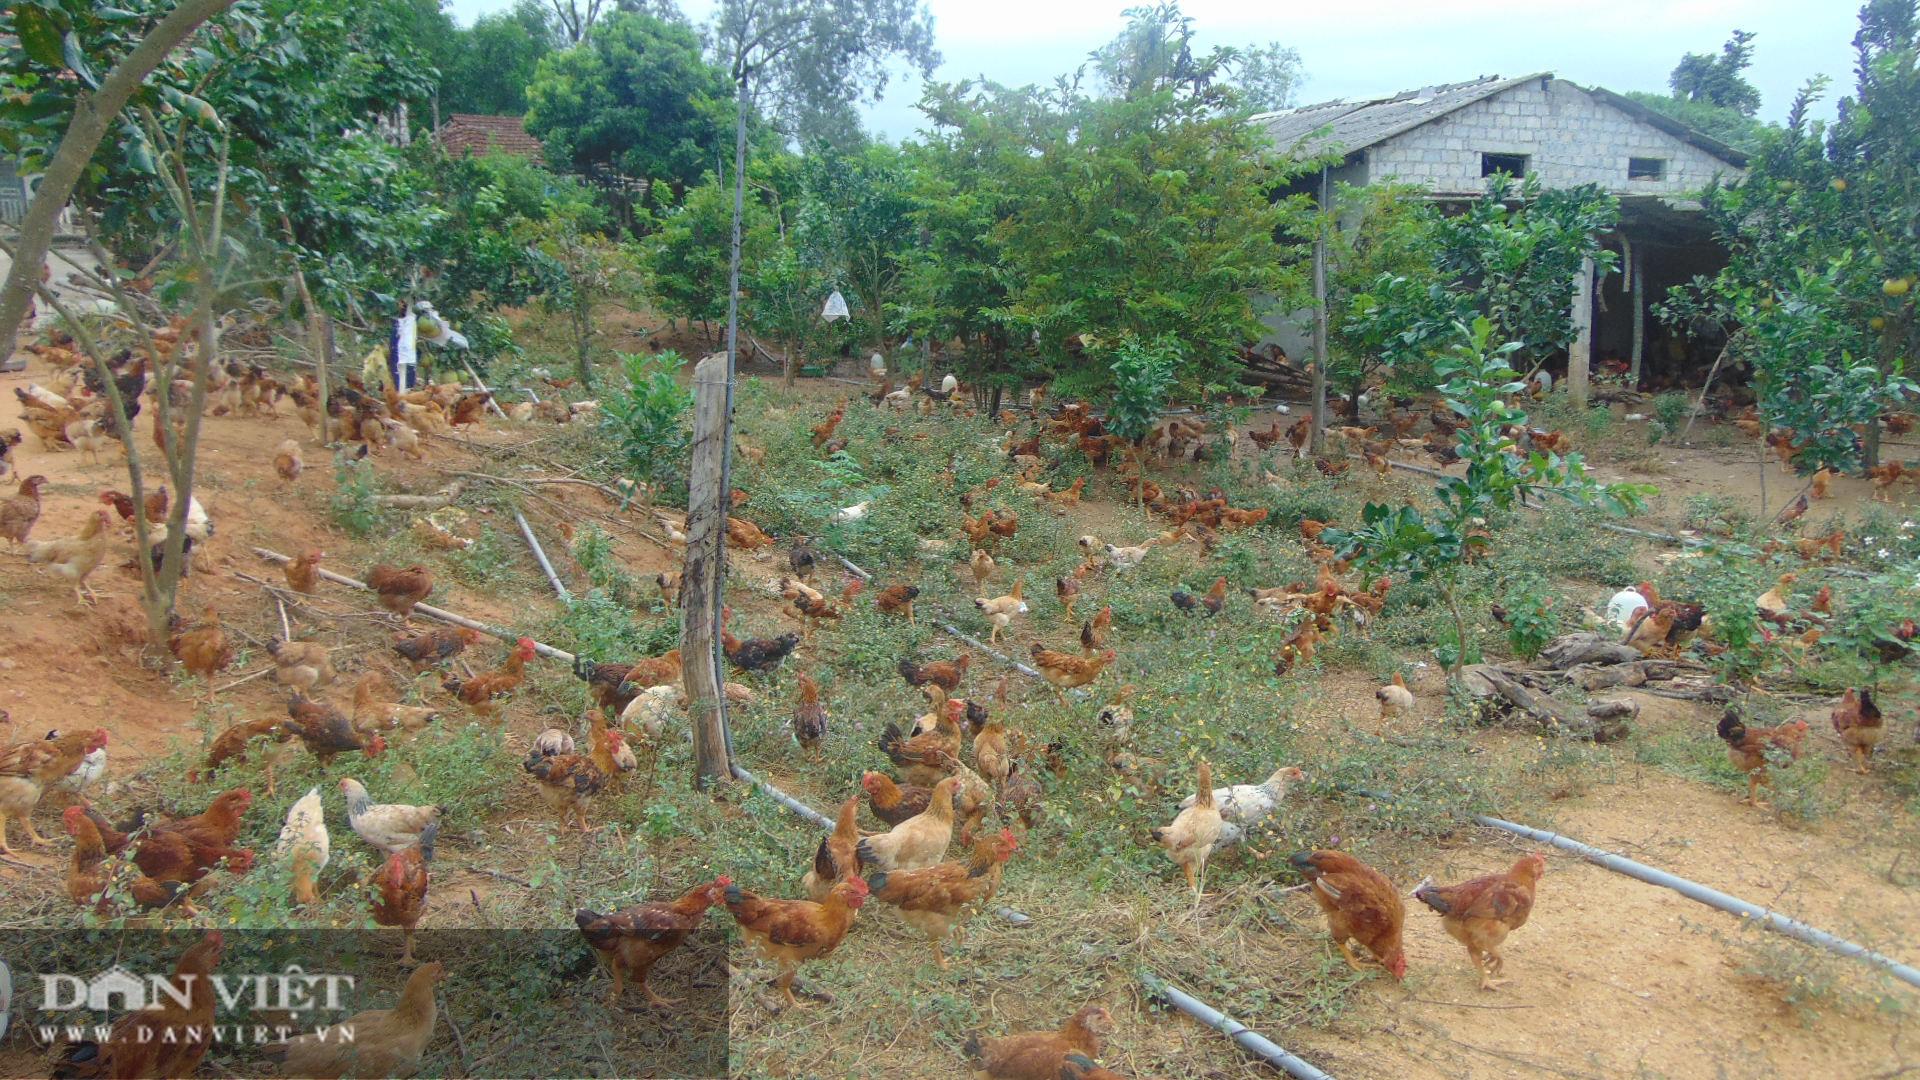 Thái Nguyên nông dân rủ nhau trồng giống bưởi quý có cây cho cả nghìn quả  - Ảnh 1.